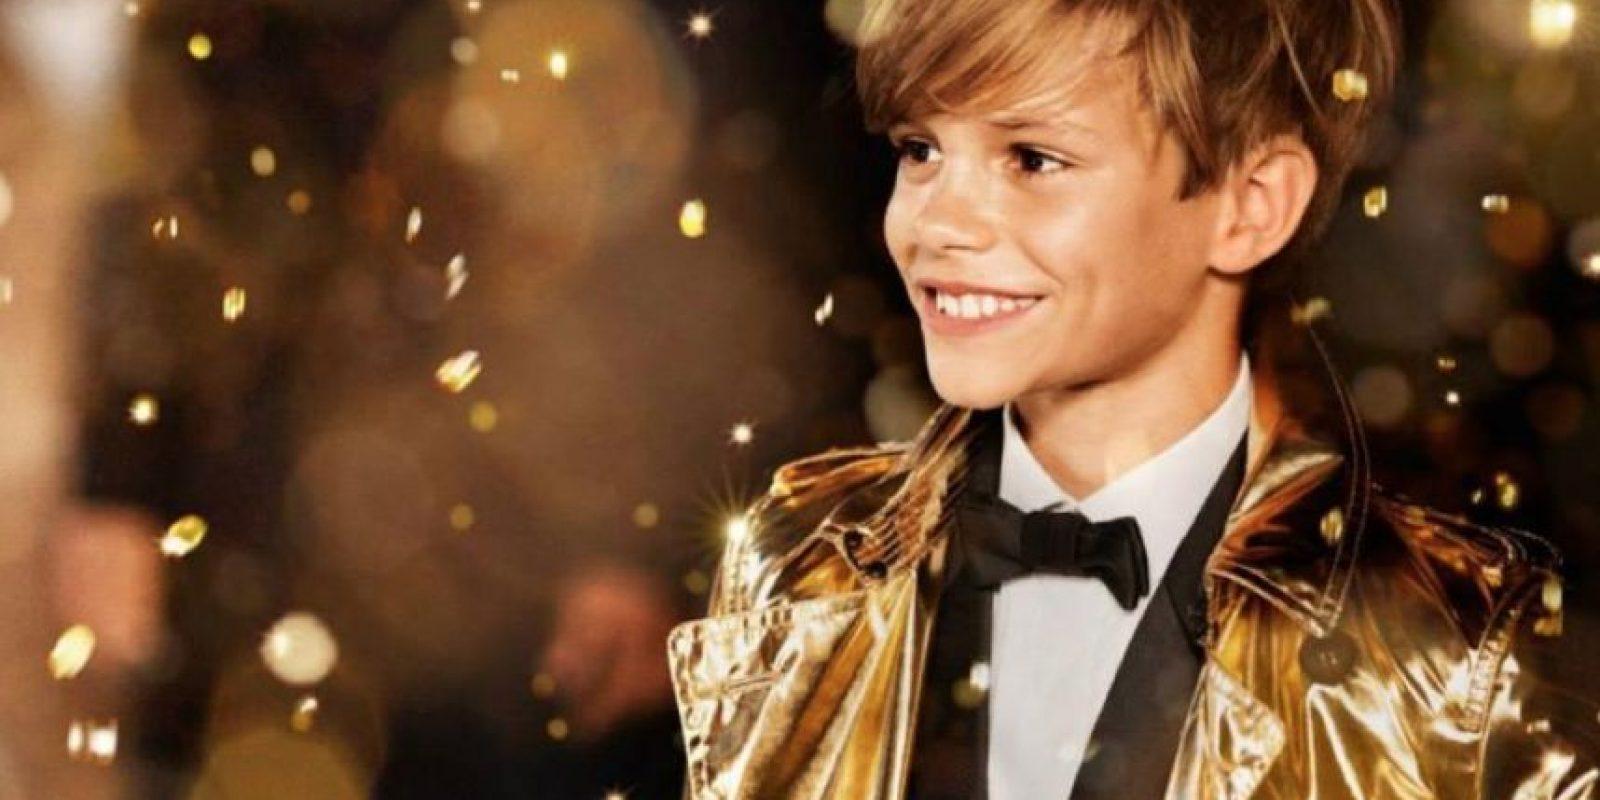 No tiene más de 14 años. Foto:Romeo Beckham/Facebook